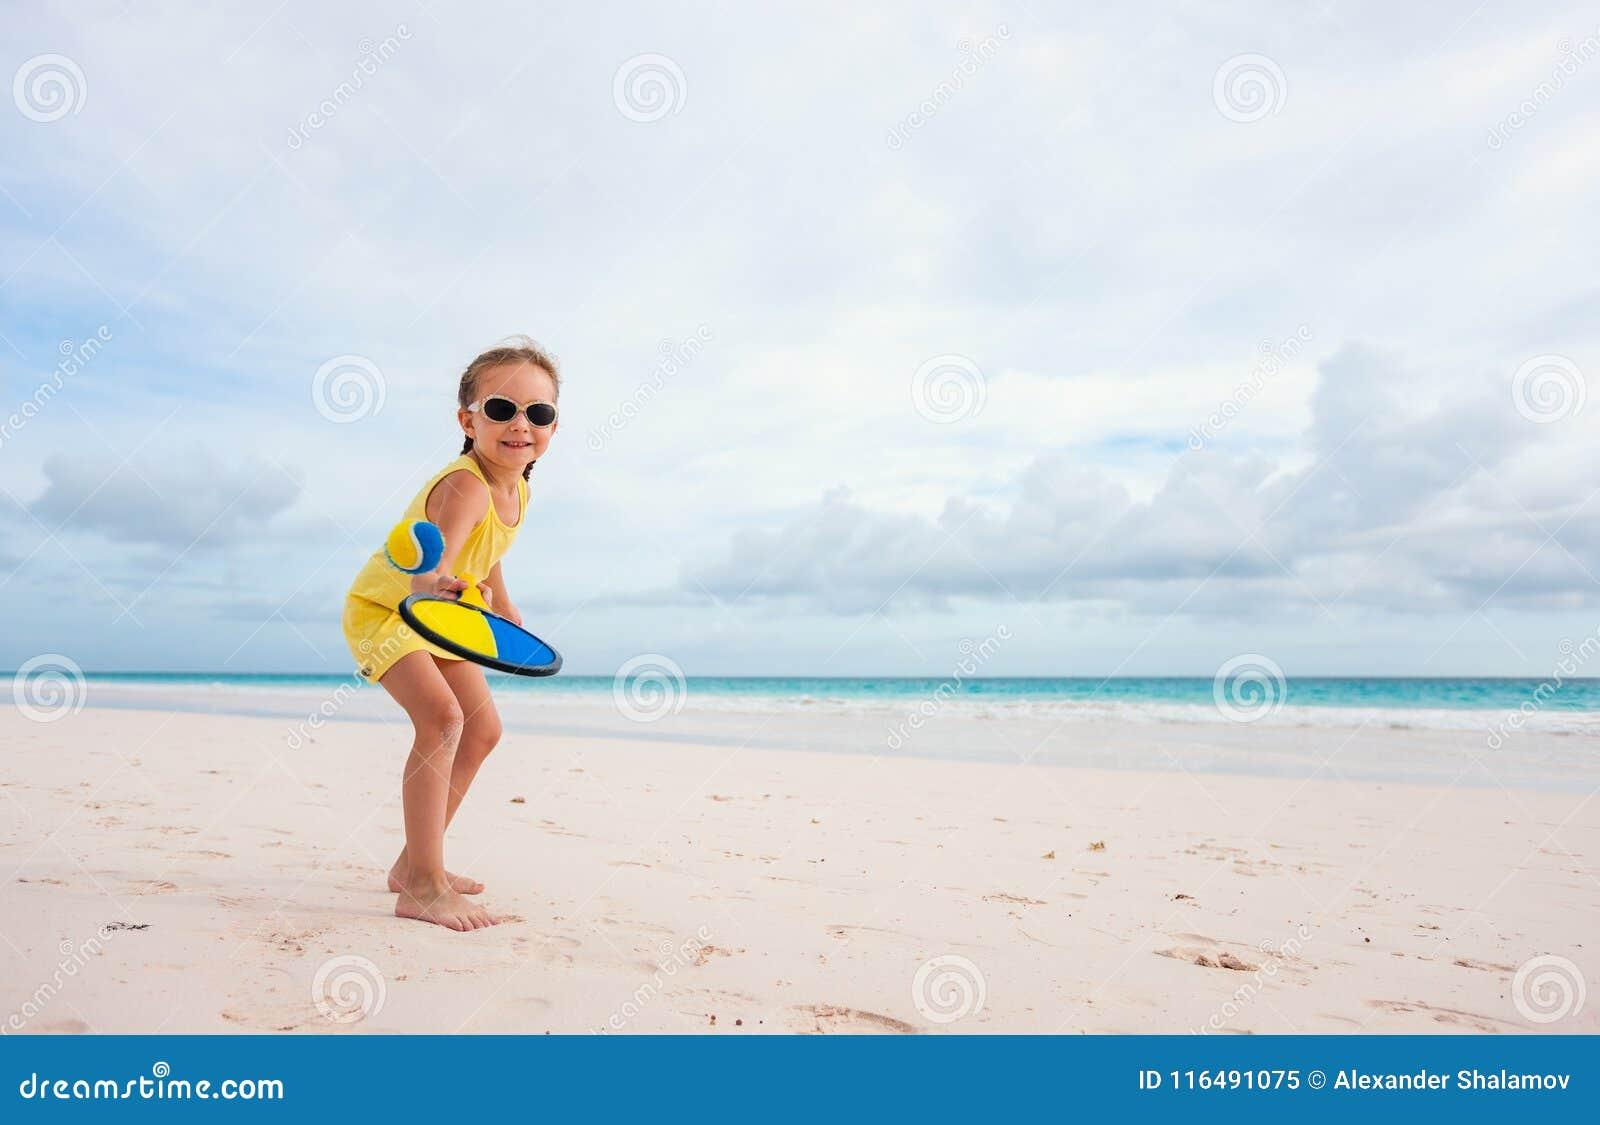 Niña que juega a tenis de la playa